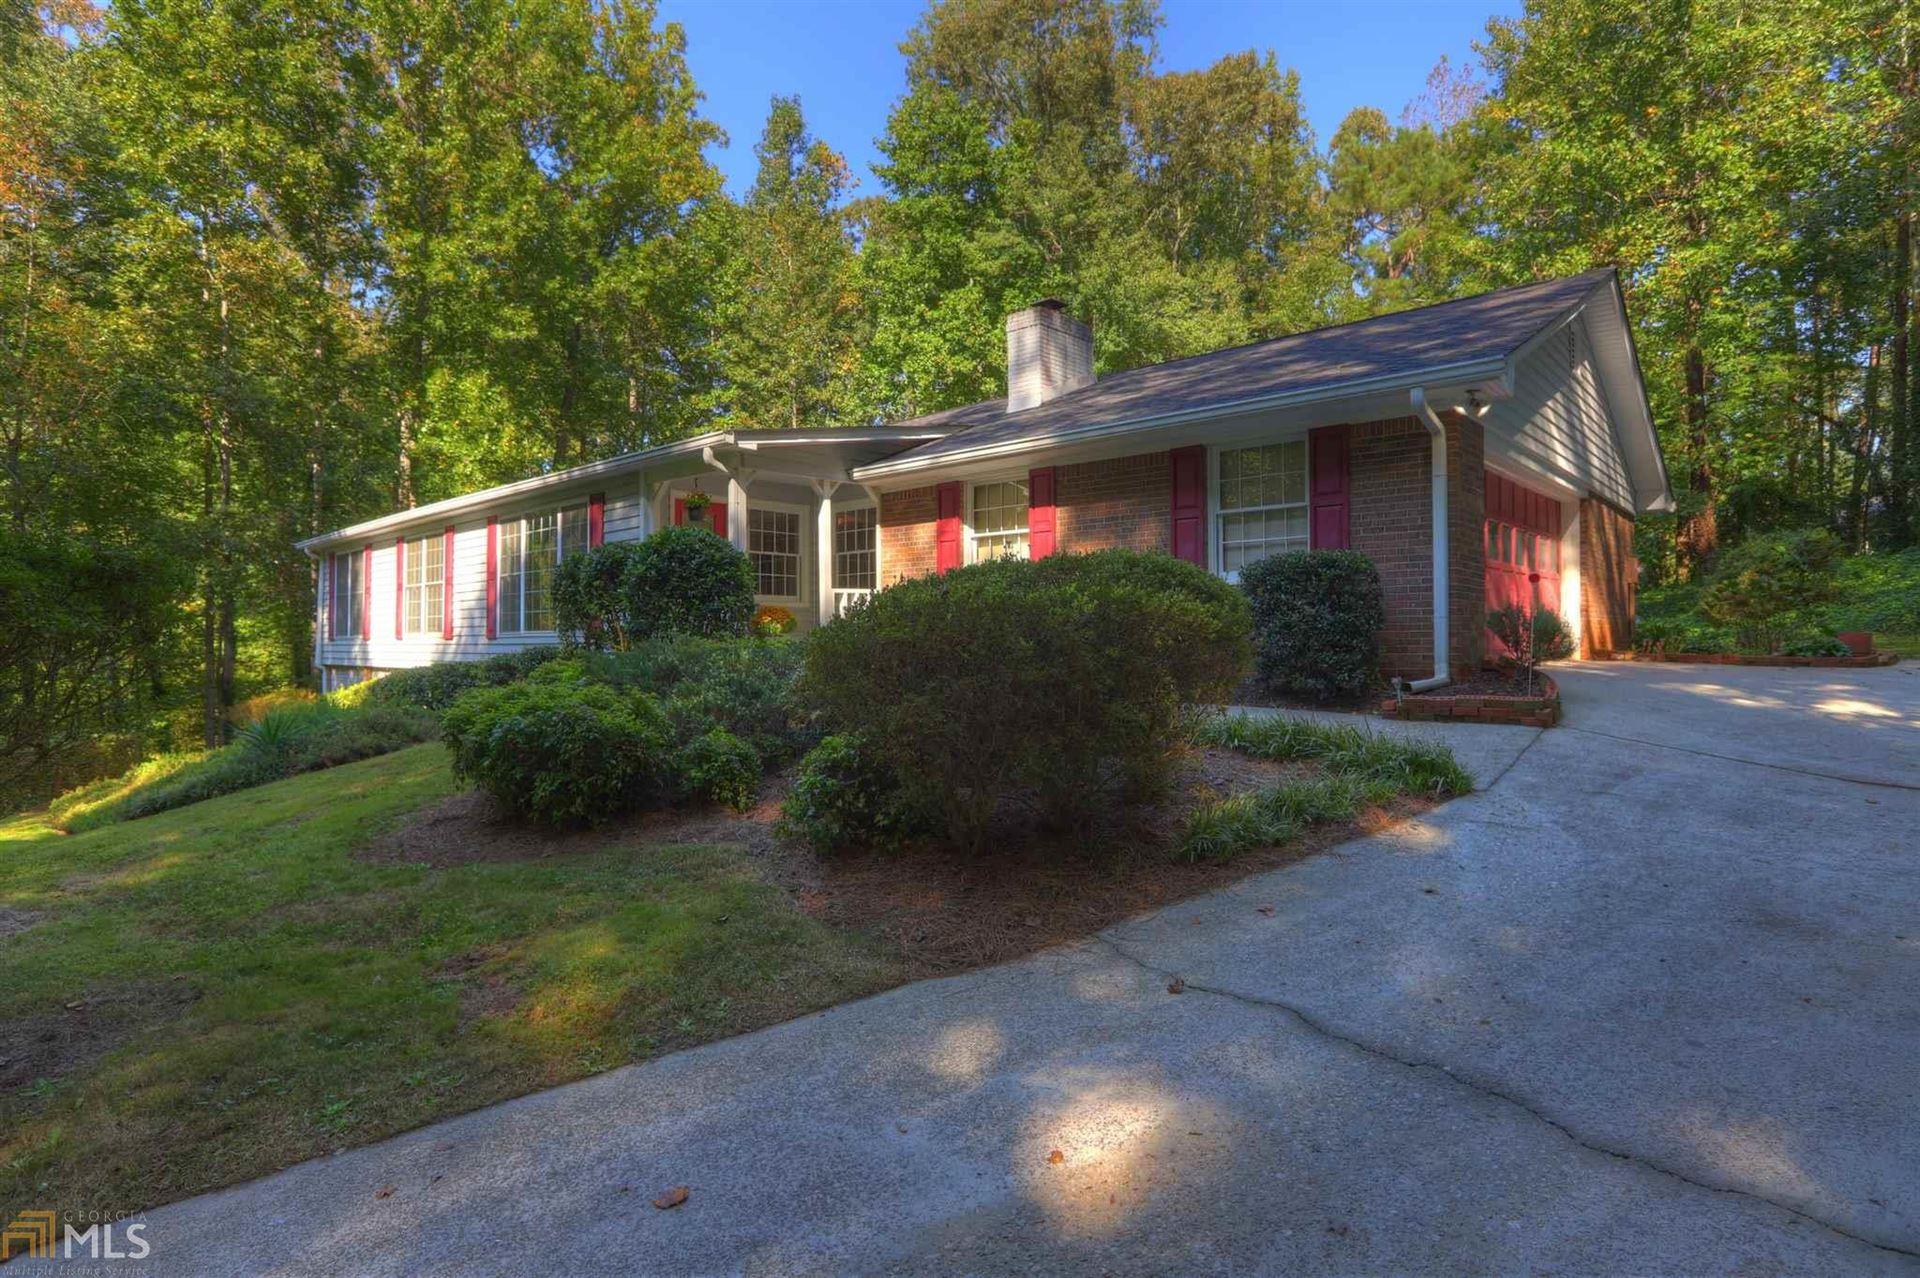 5156 Parkside Dr, Conyers, GA 30094 - MLS#: 8865649